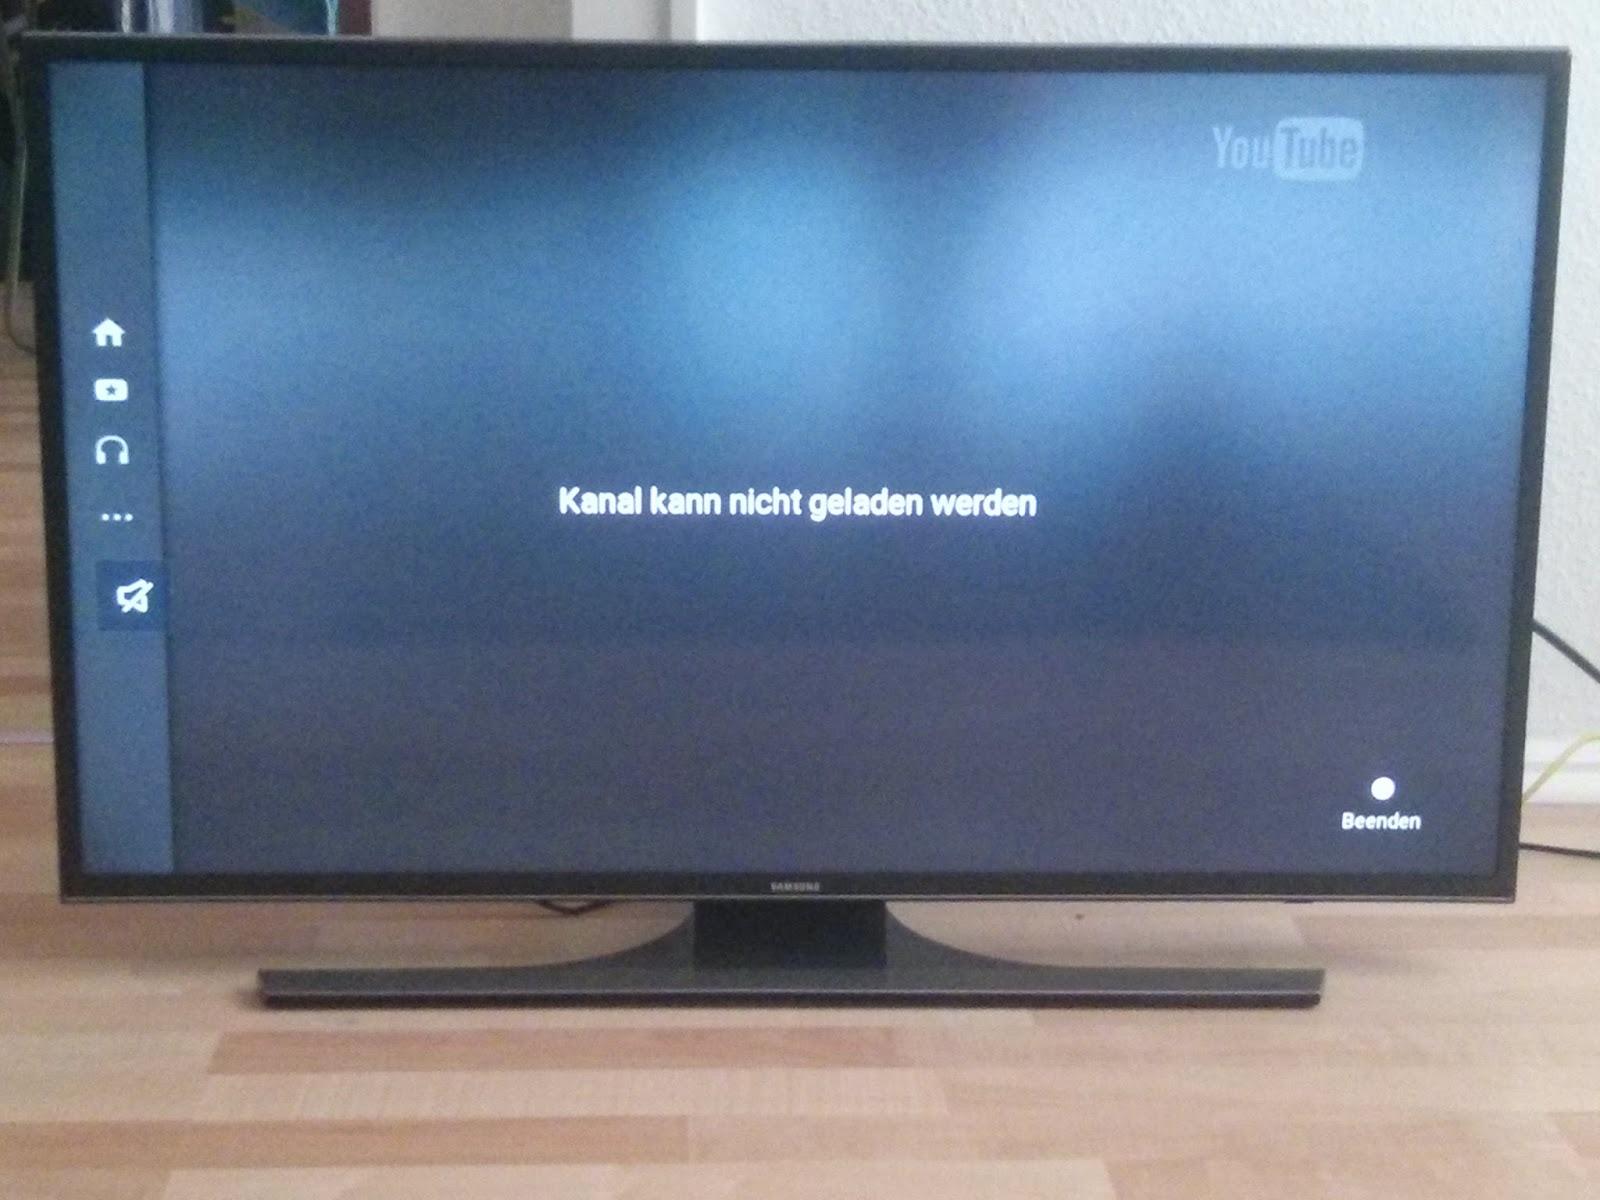 Smart Tv Youtube Funktioniert Nicht